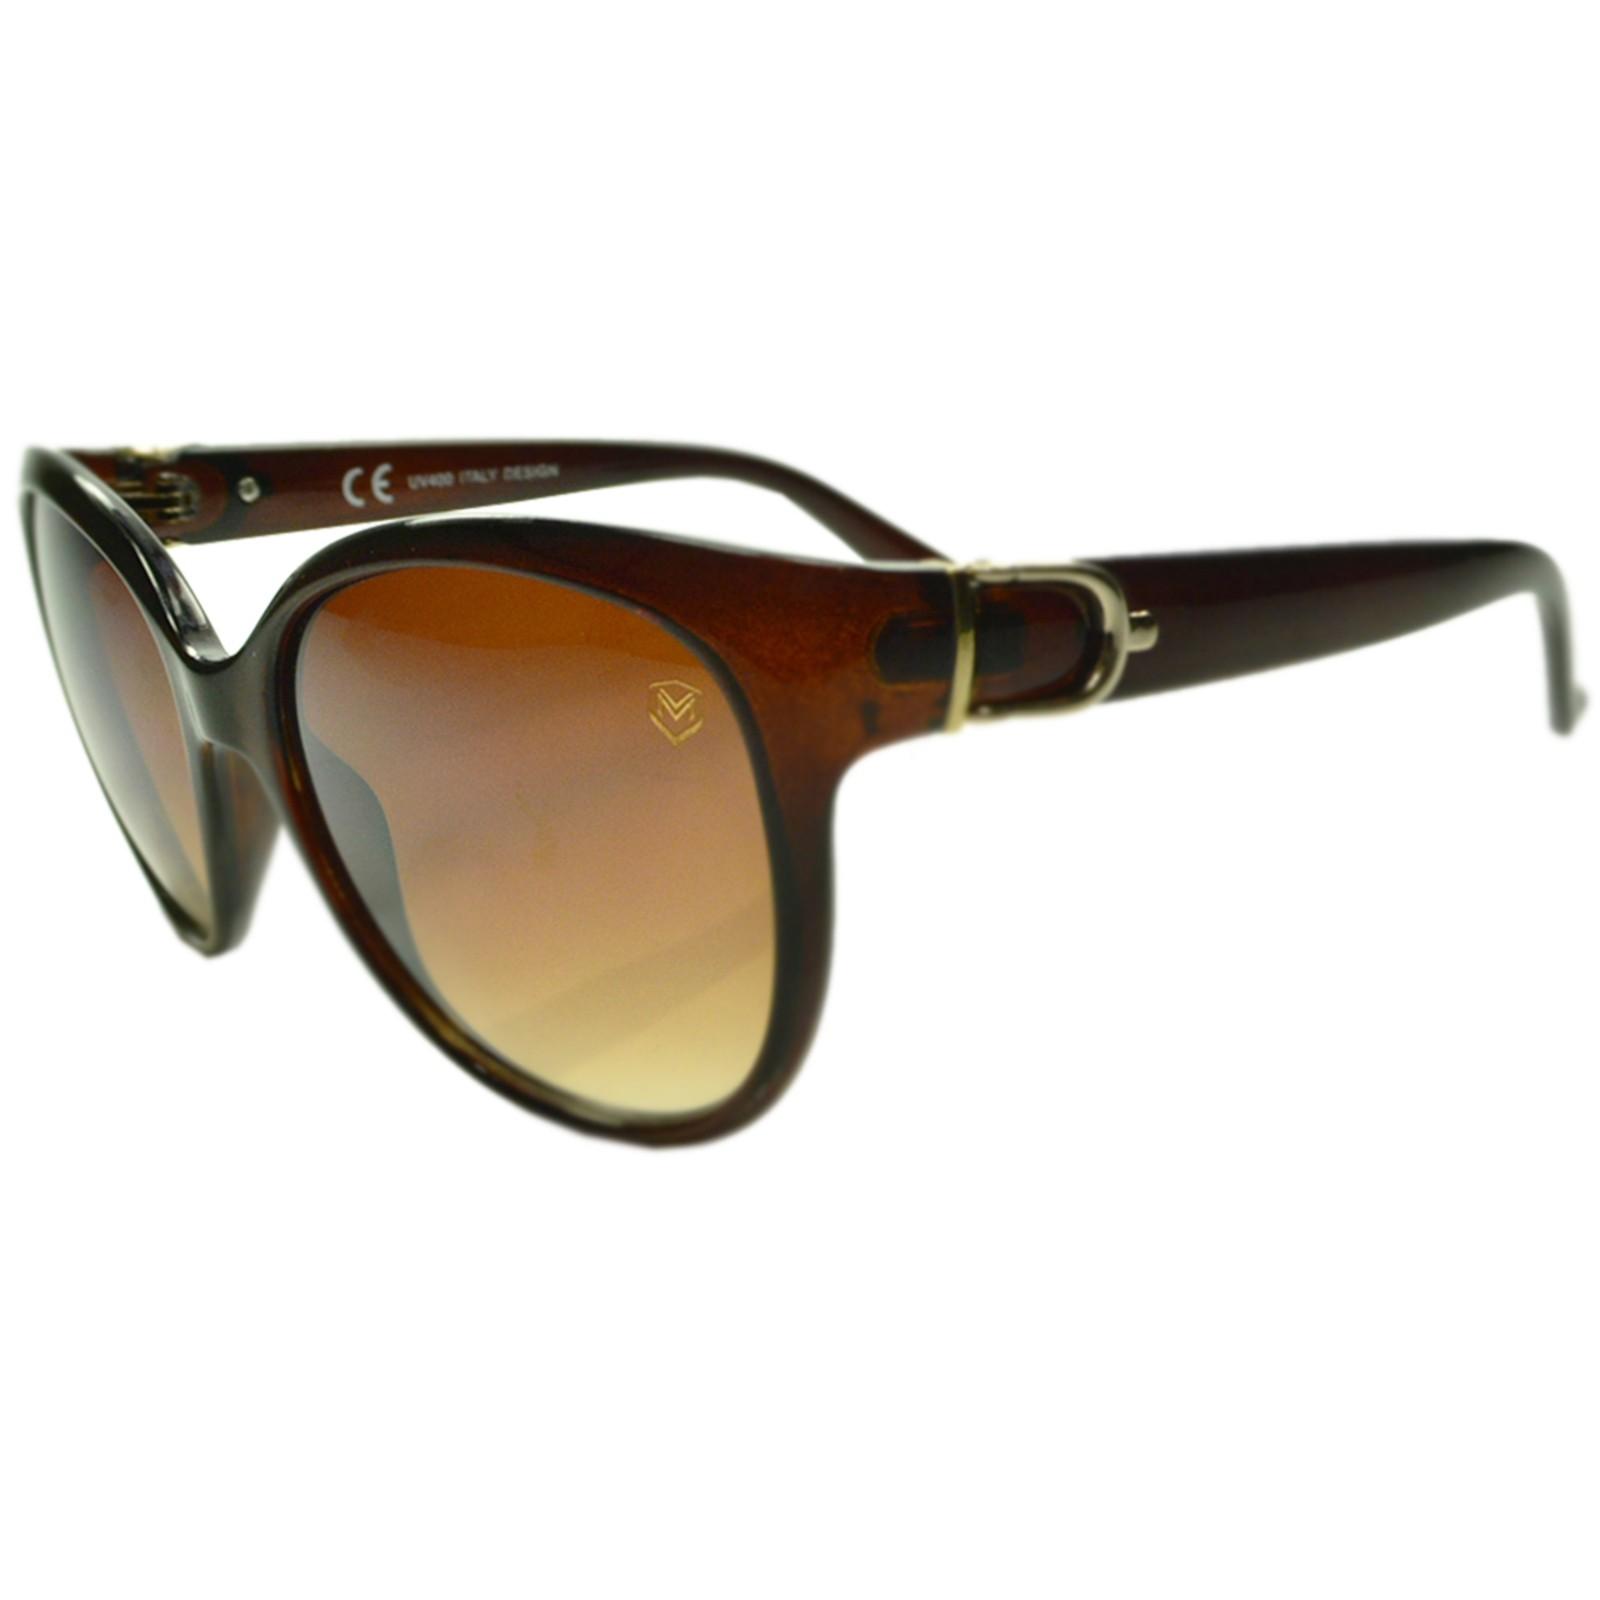 Óculos De Sol Mackage Feminino Acetato Redondo - Marrom